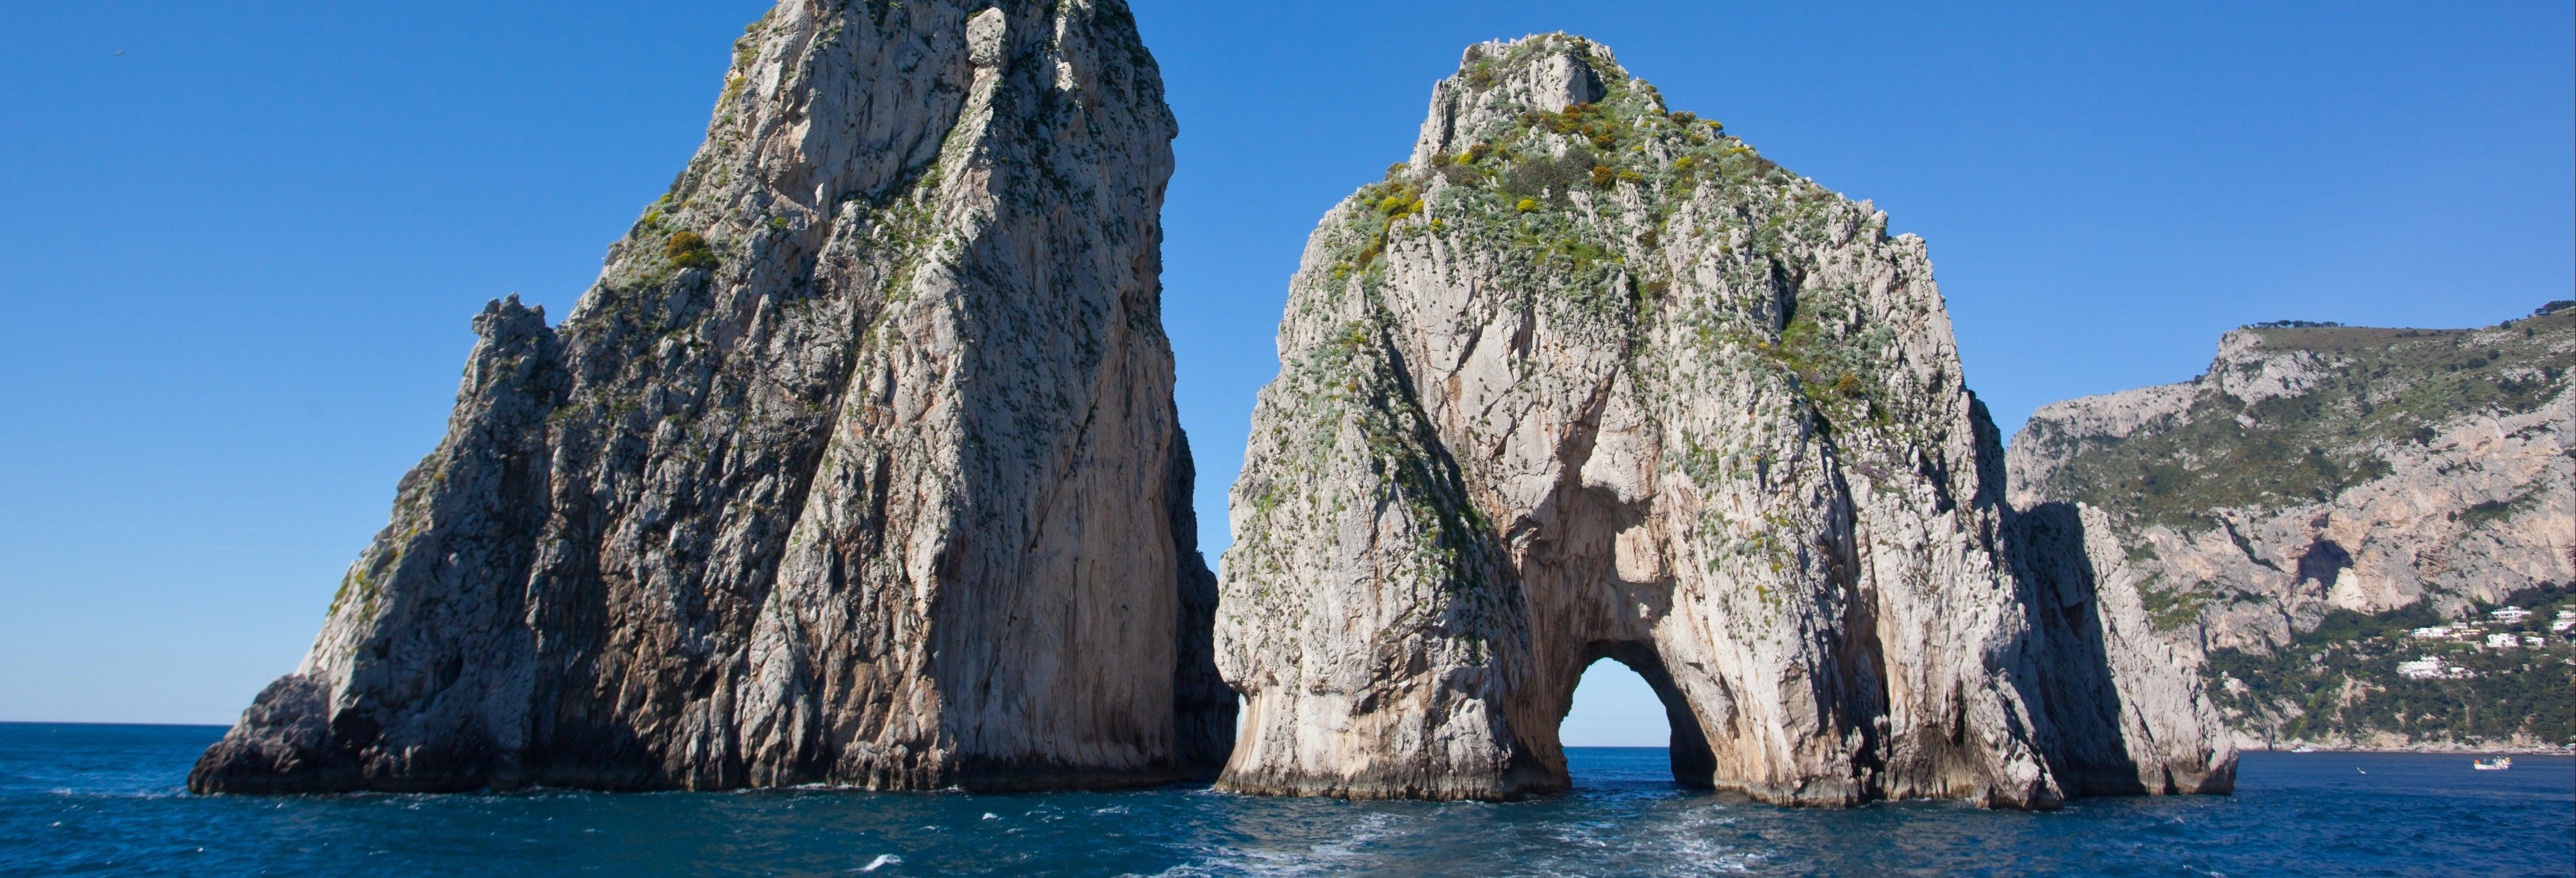 Tour de 2 o 3 días a la isla de Capri